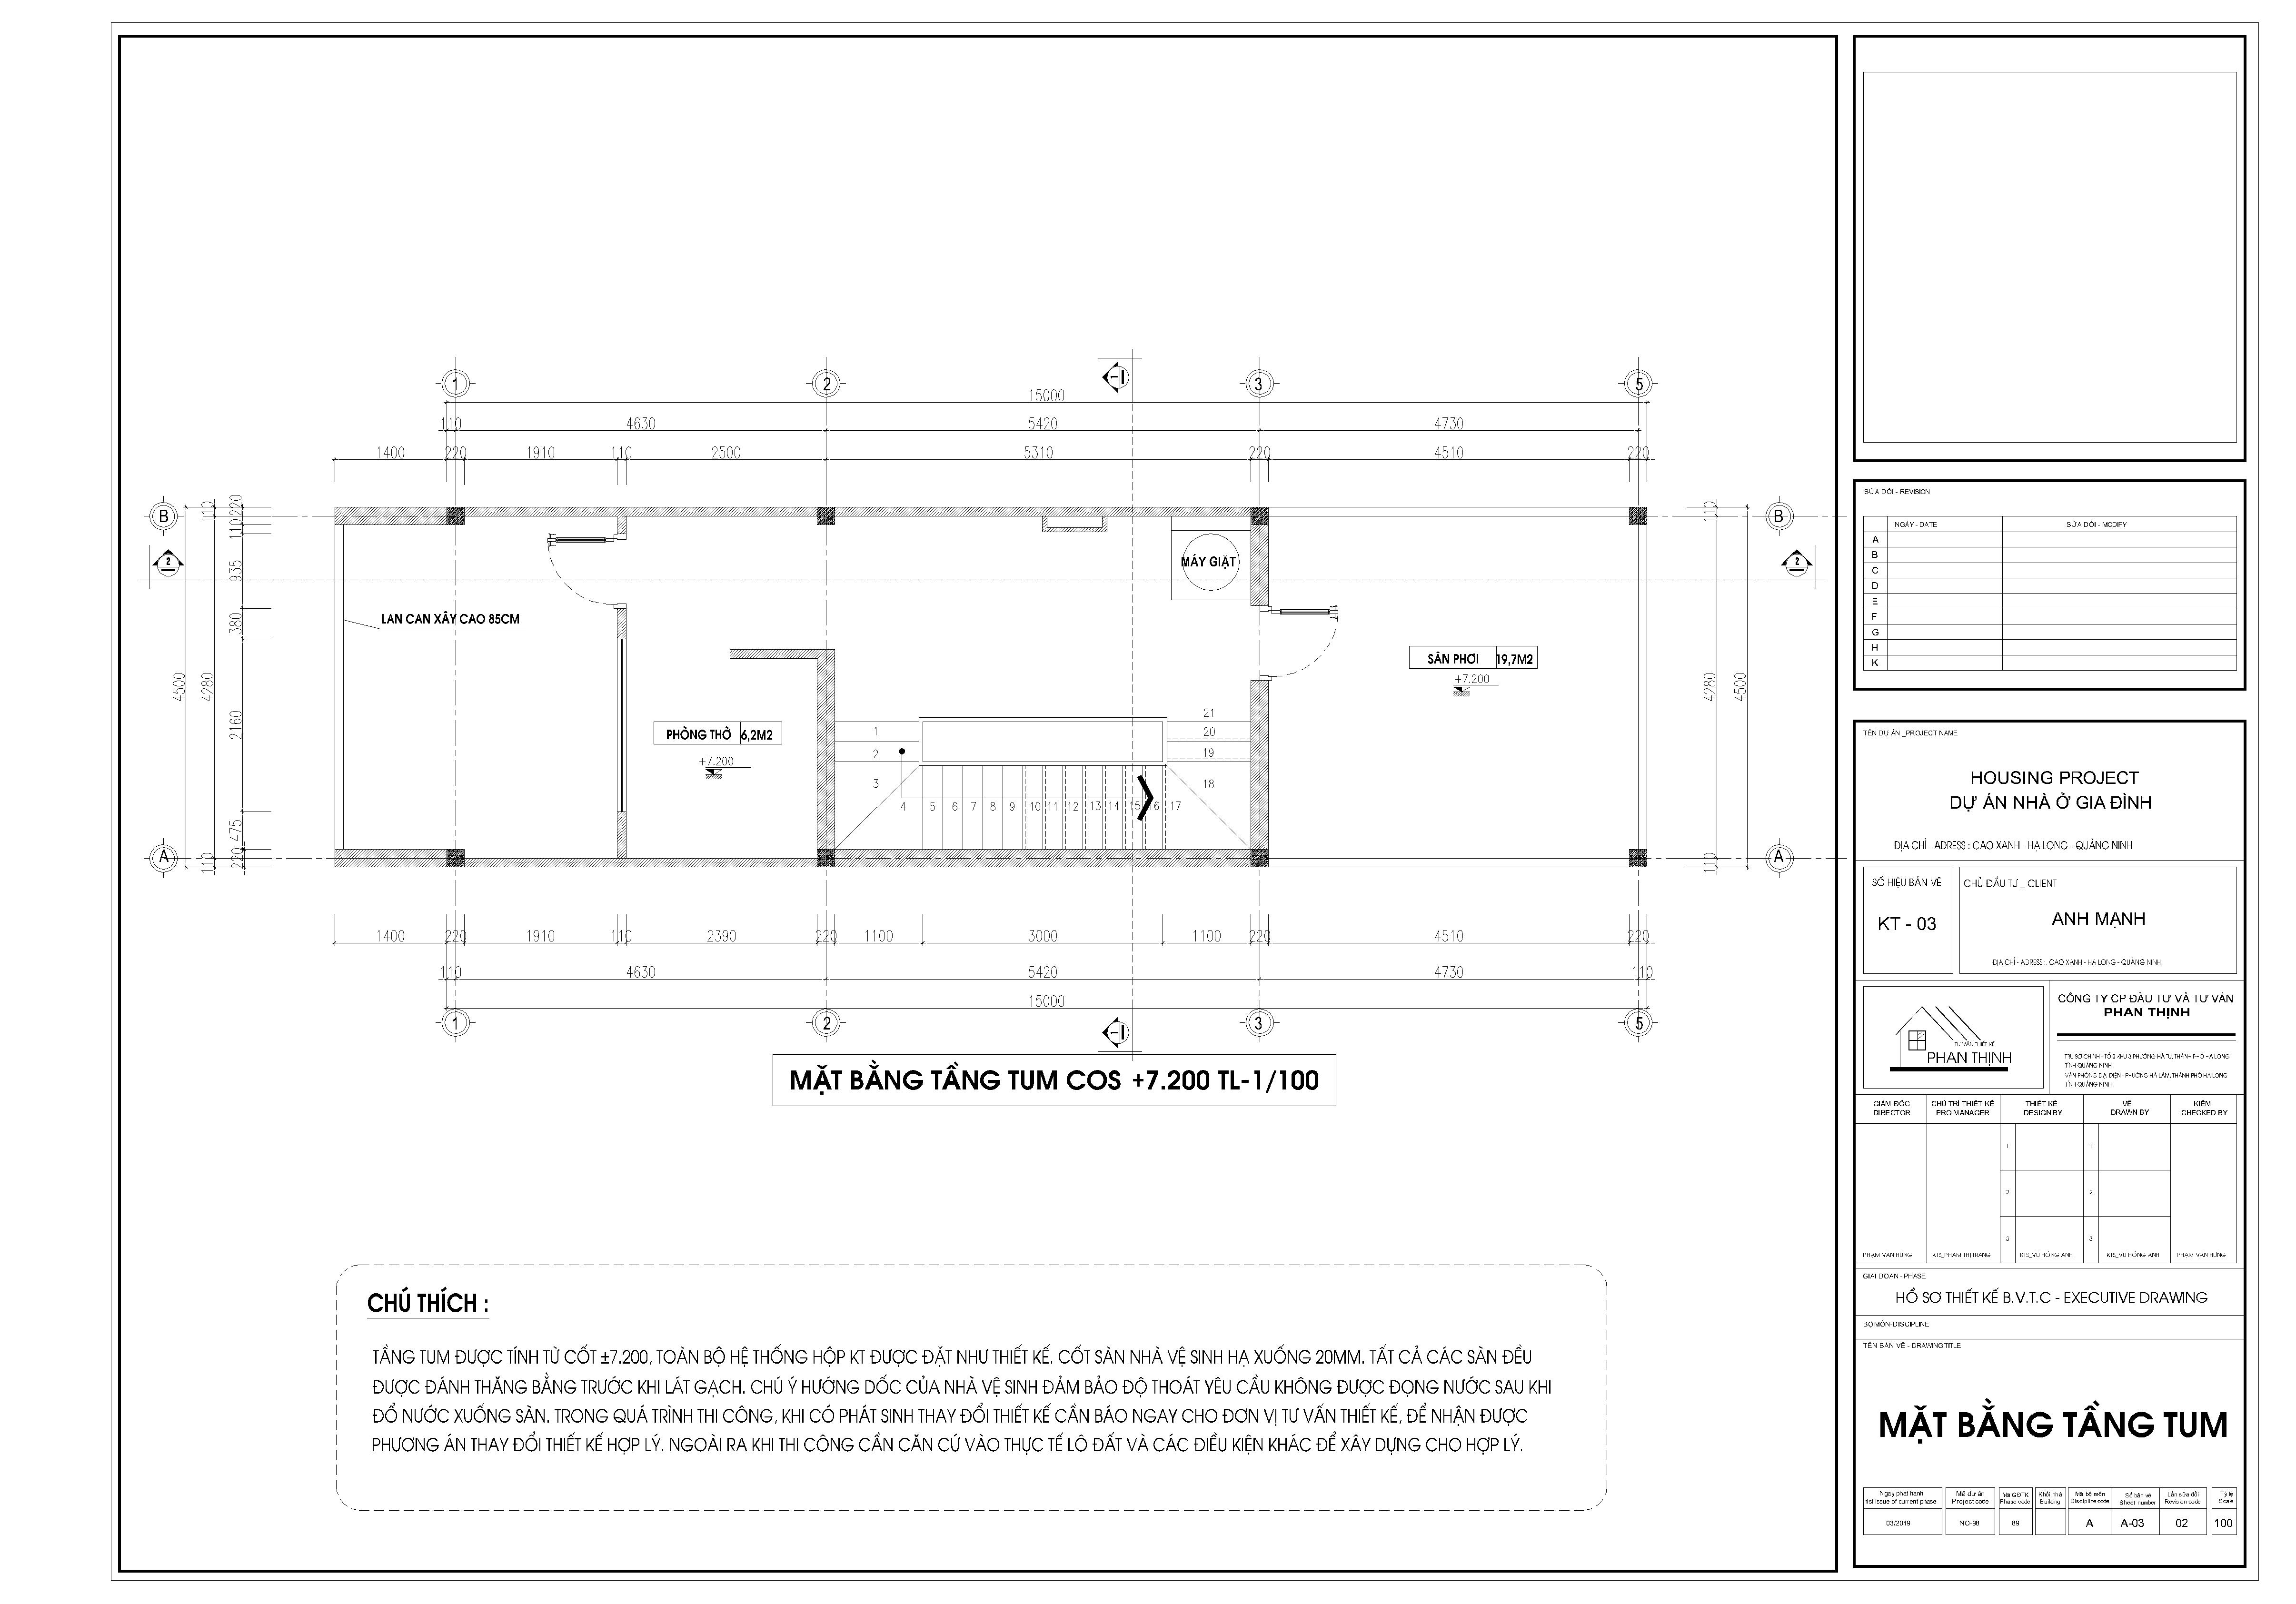 Mặt bằng thiết kế nhà tại tầng tum